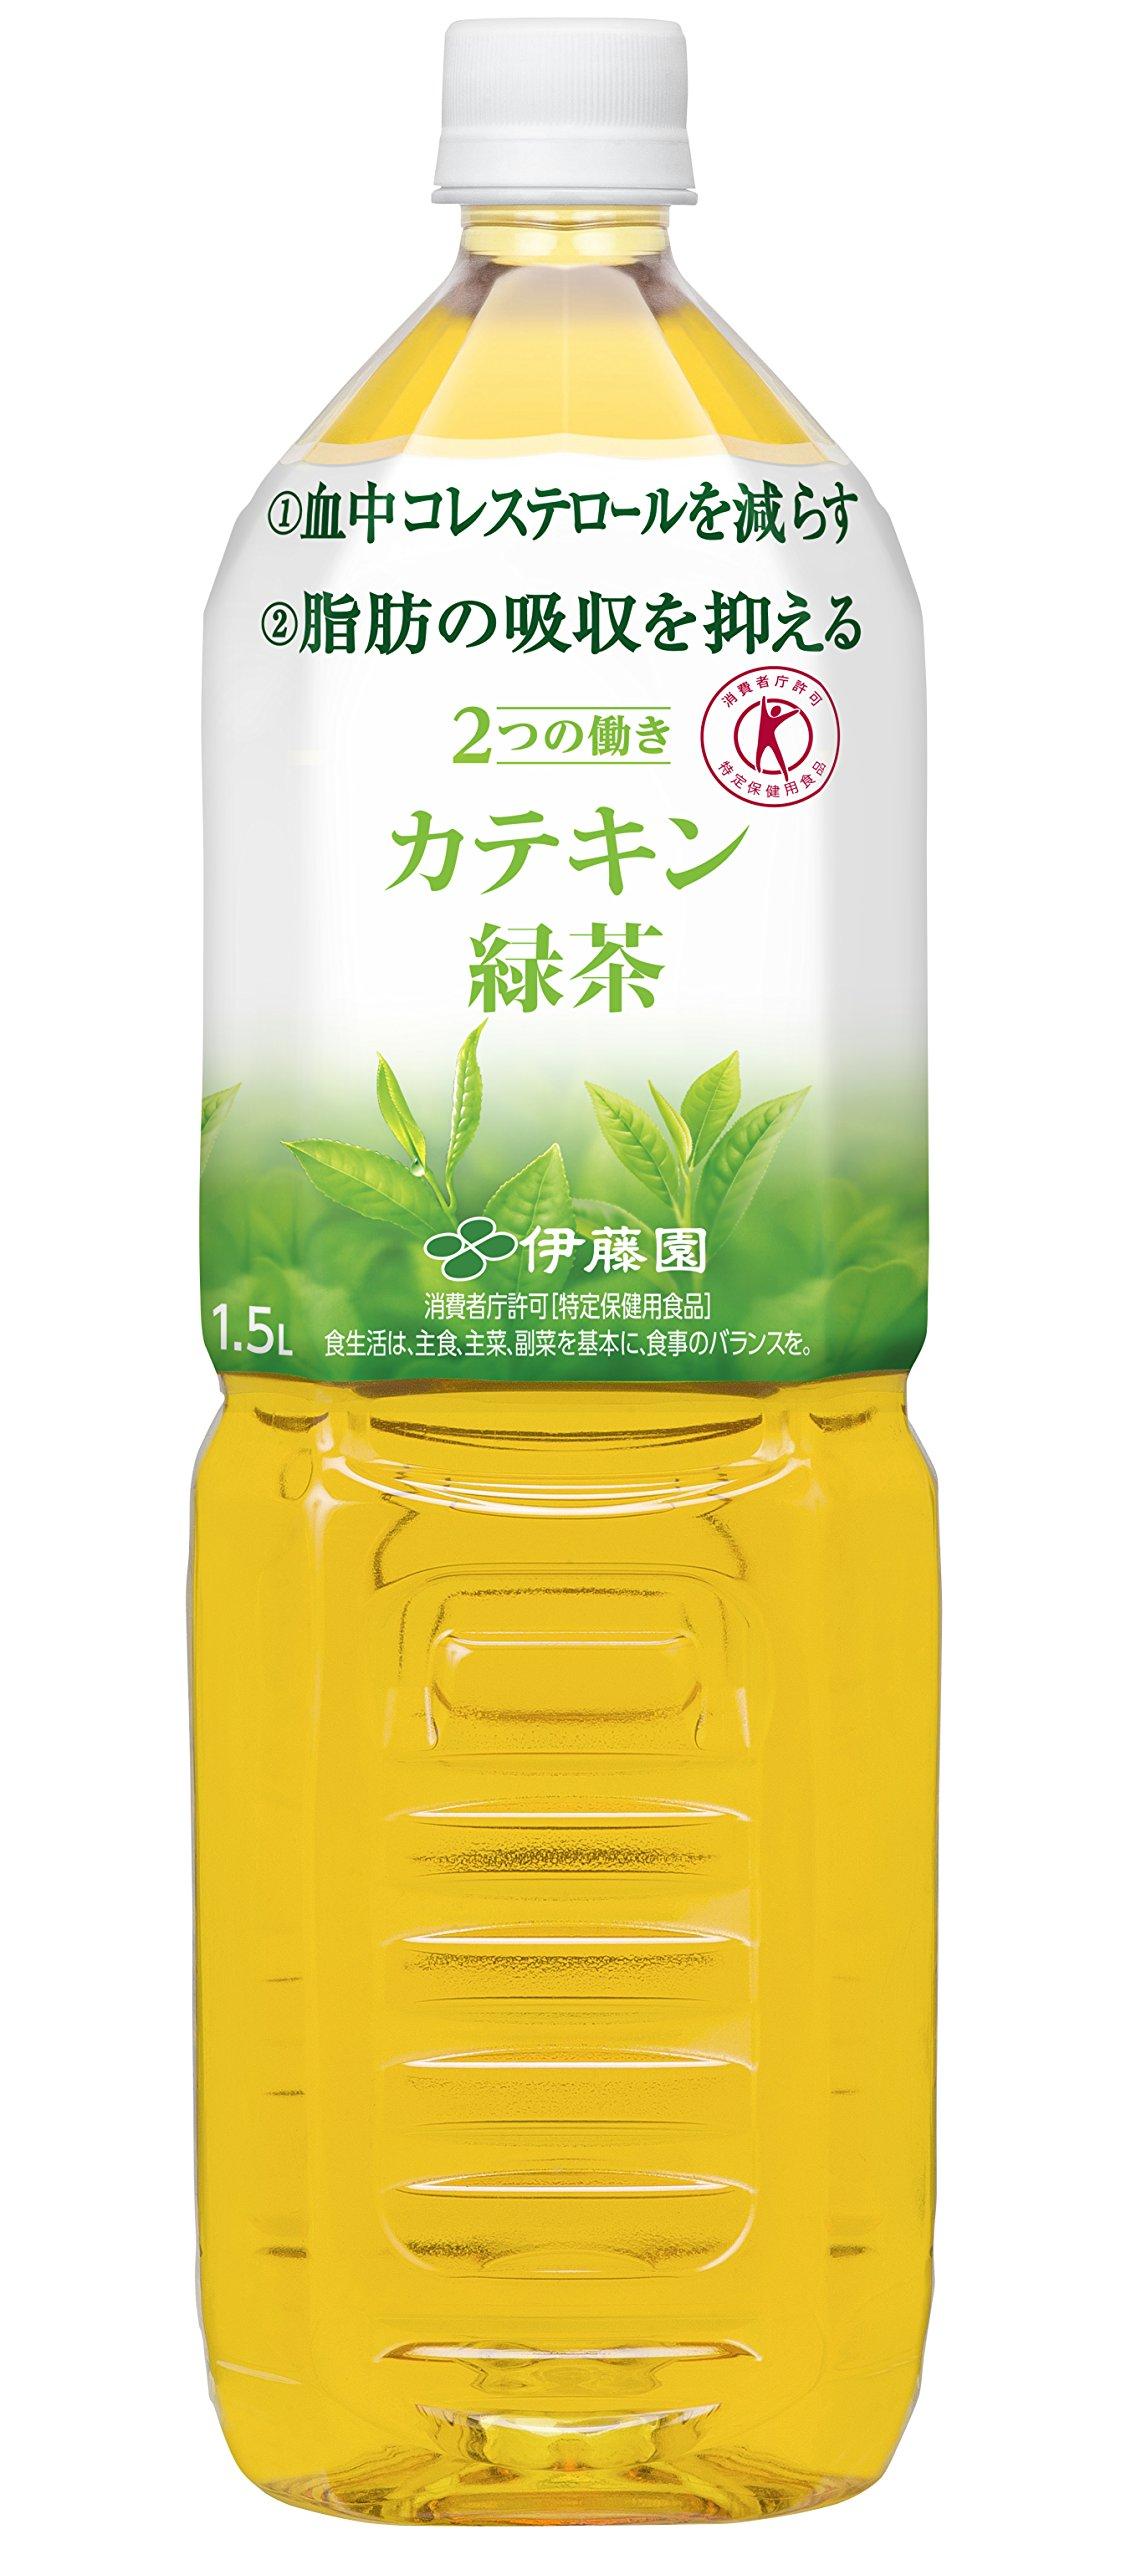 2つの働き カテキン緑茶 ペット 1500mlx8本 (トクホ)